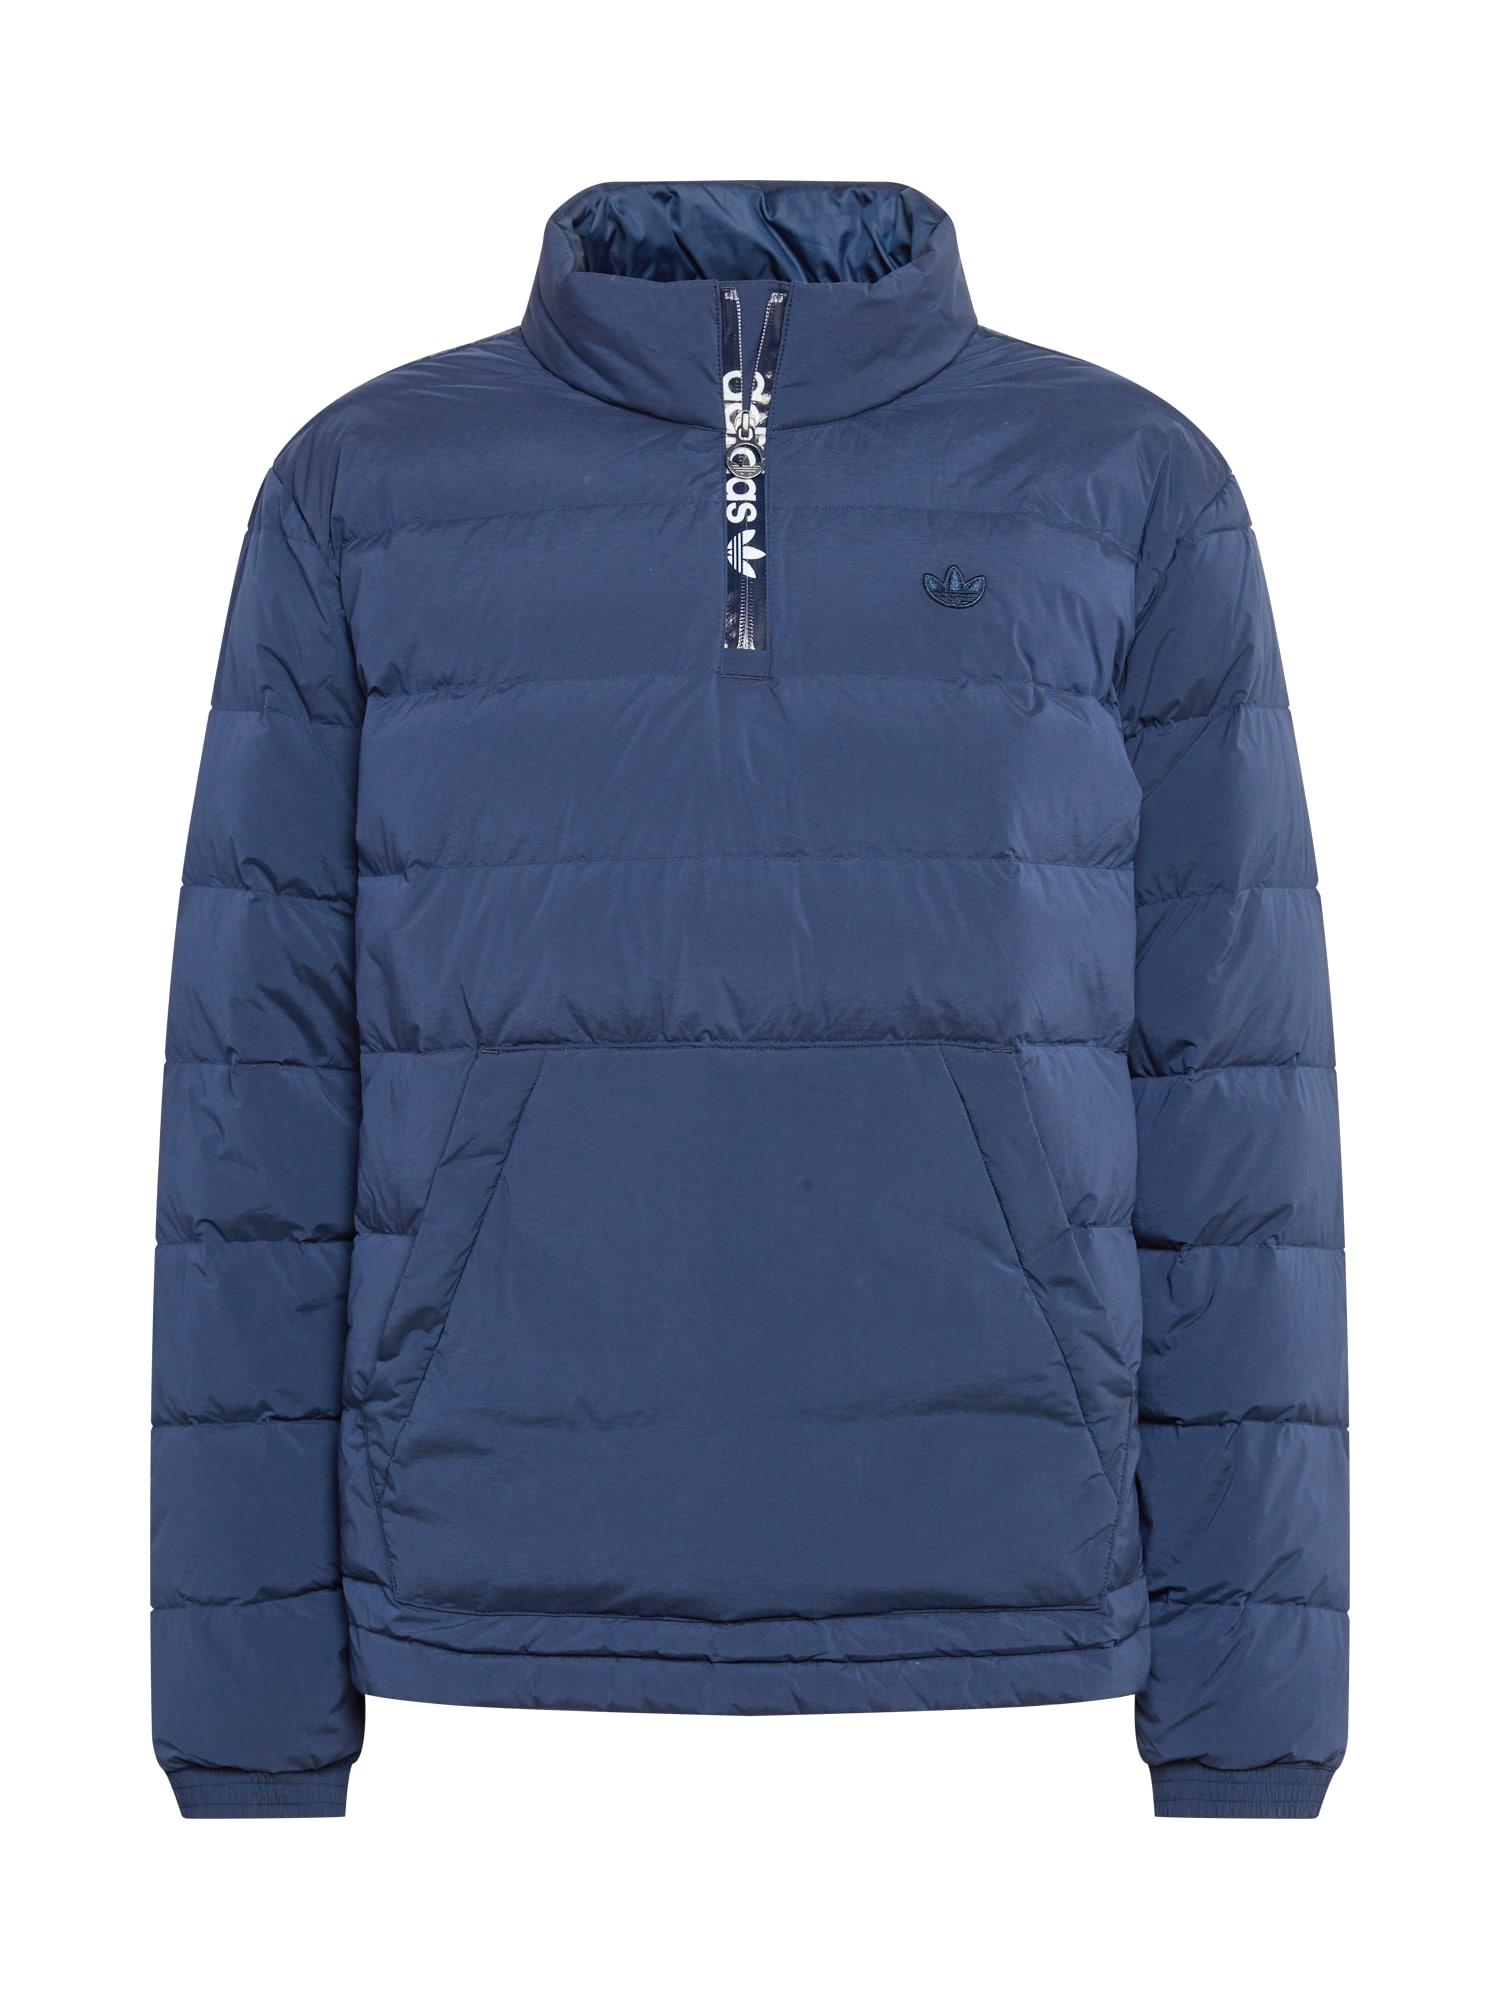 ADIDAS ORIGINALS Žieminė striukė mėlyna